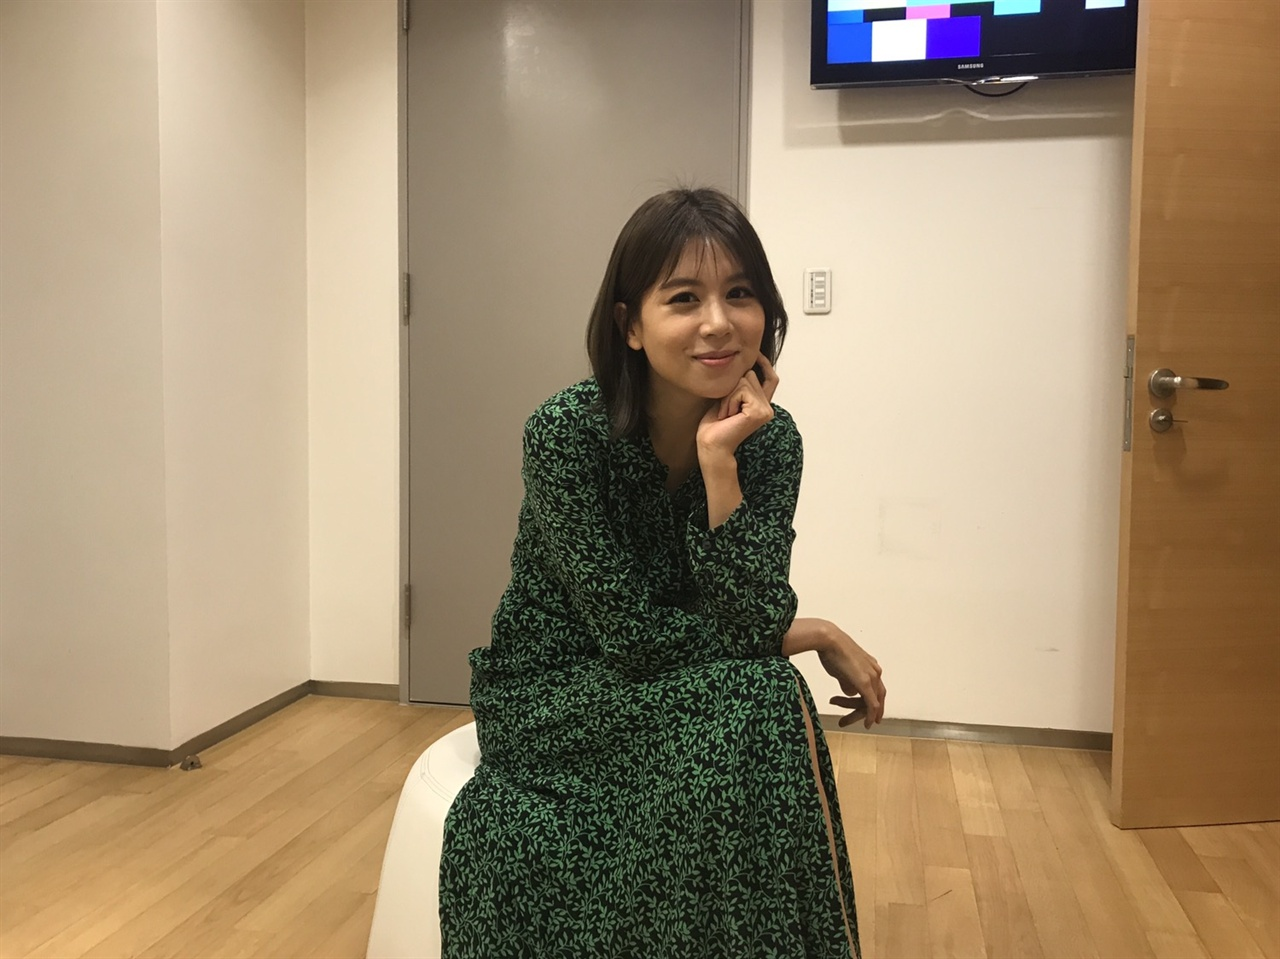 손정은 MBC 아나운서가 인터뷰 후 포즈를 취하고 있다.